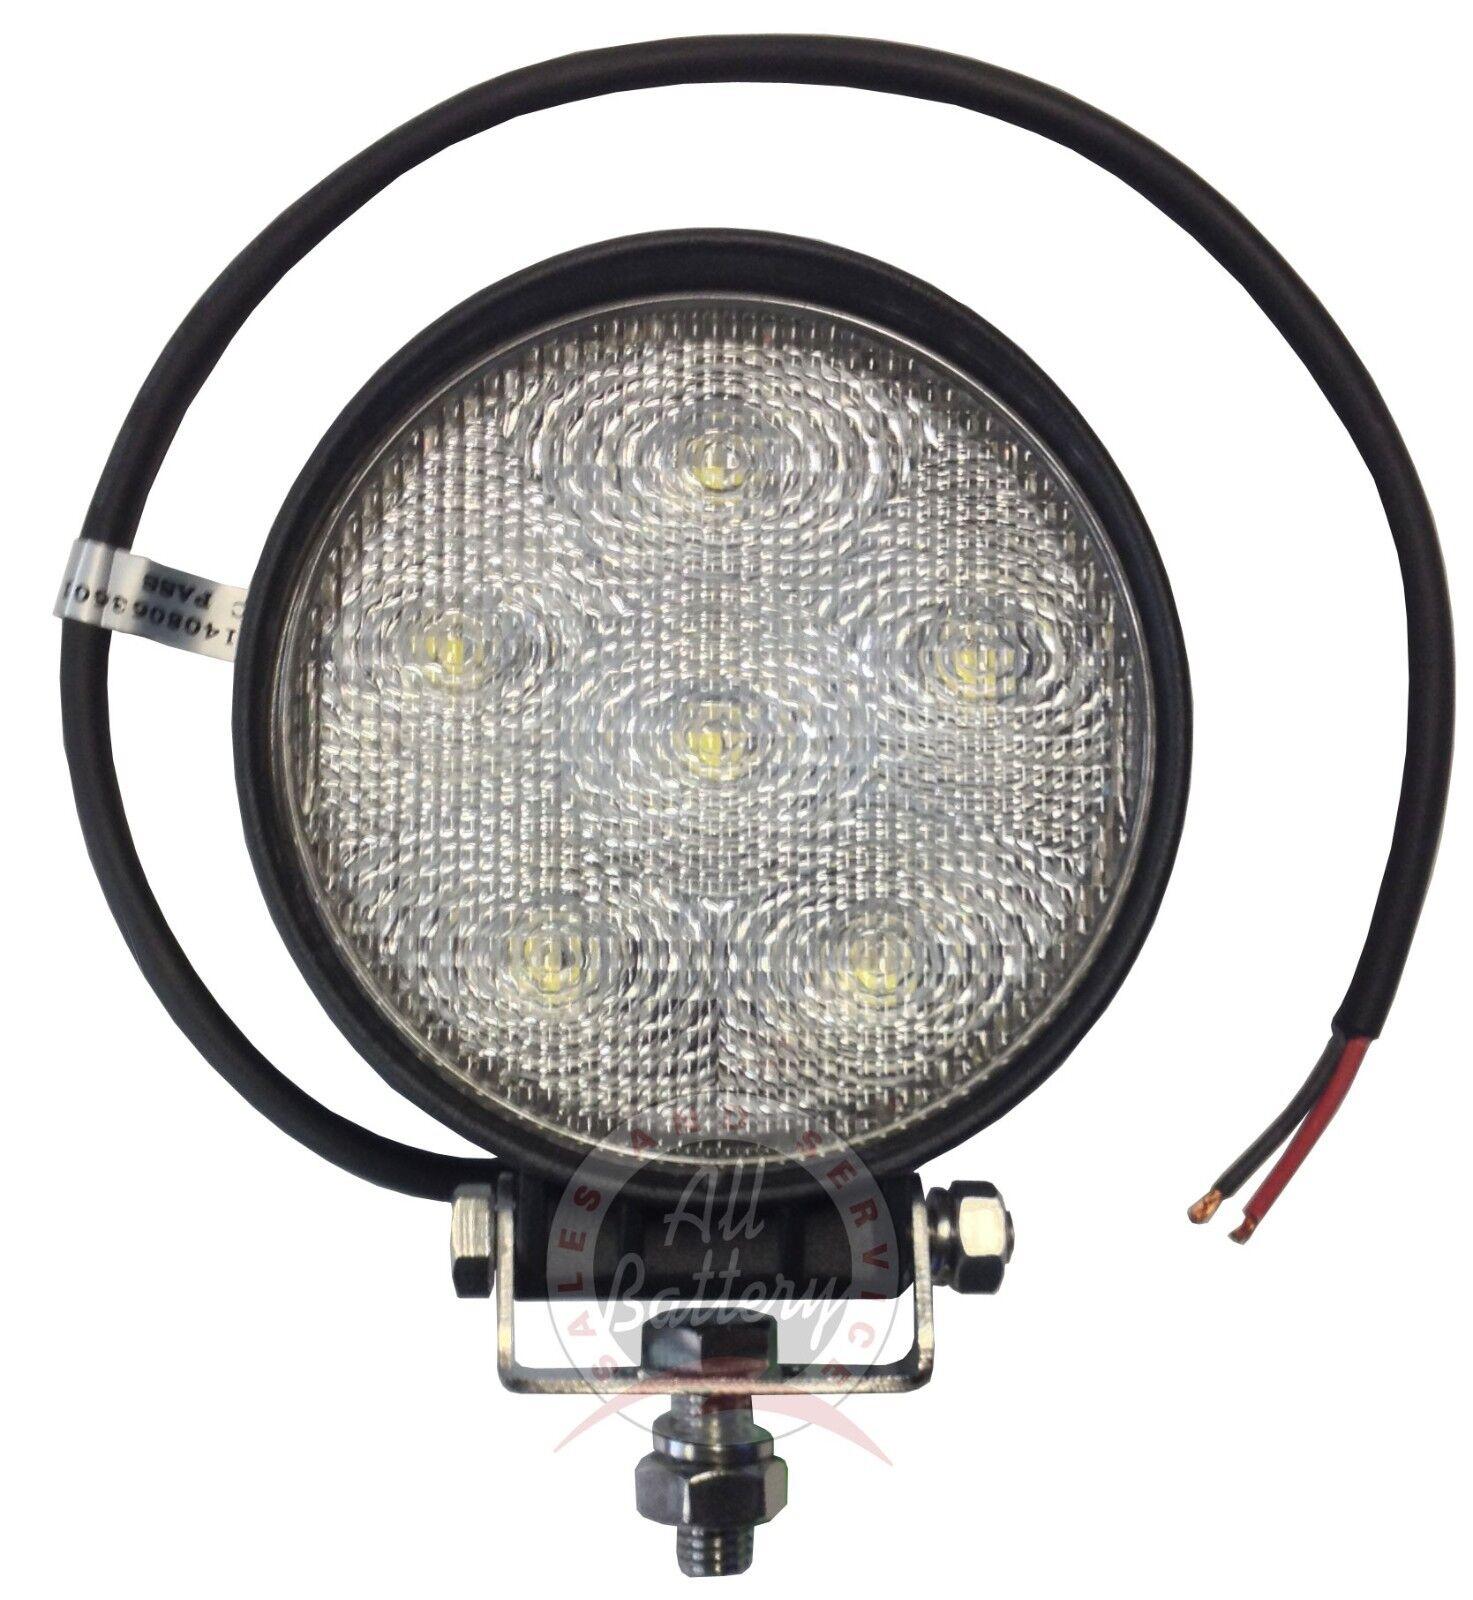 14ga. Per Ft 2 Wires 8ga 2 Bee Wire9 Conductor Trailer Cable - 12ga. 5